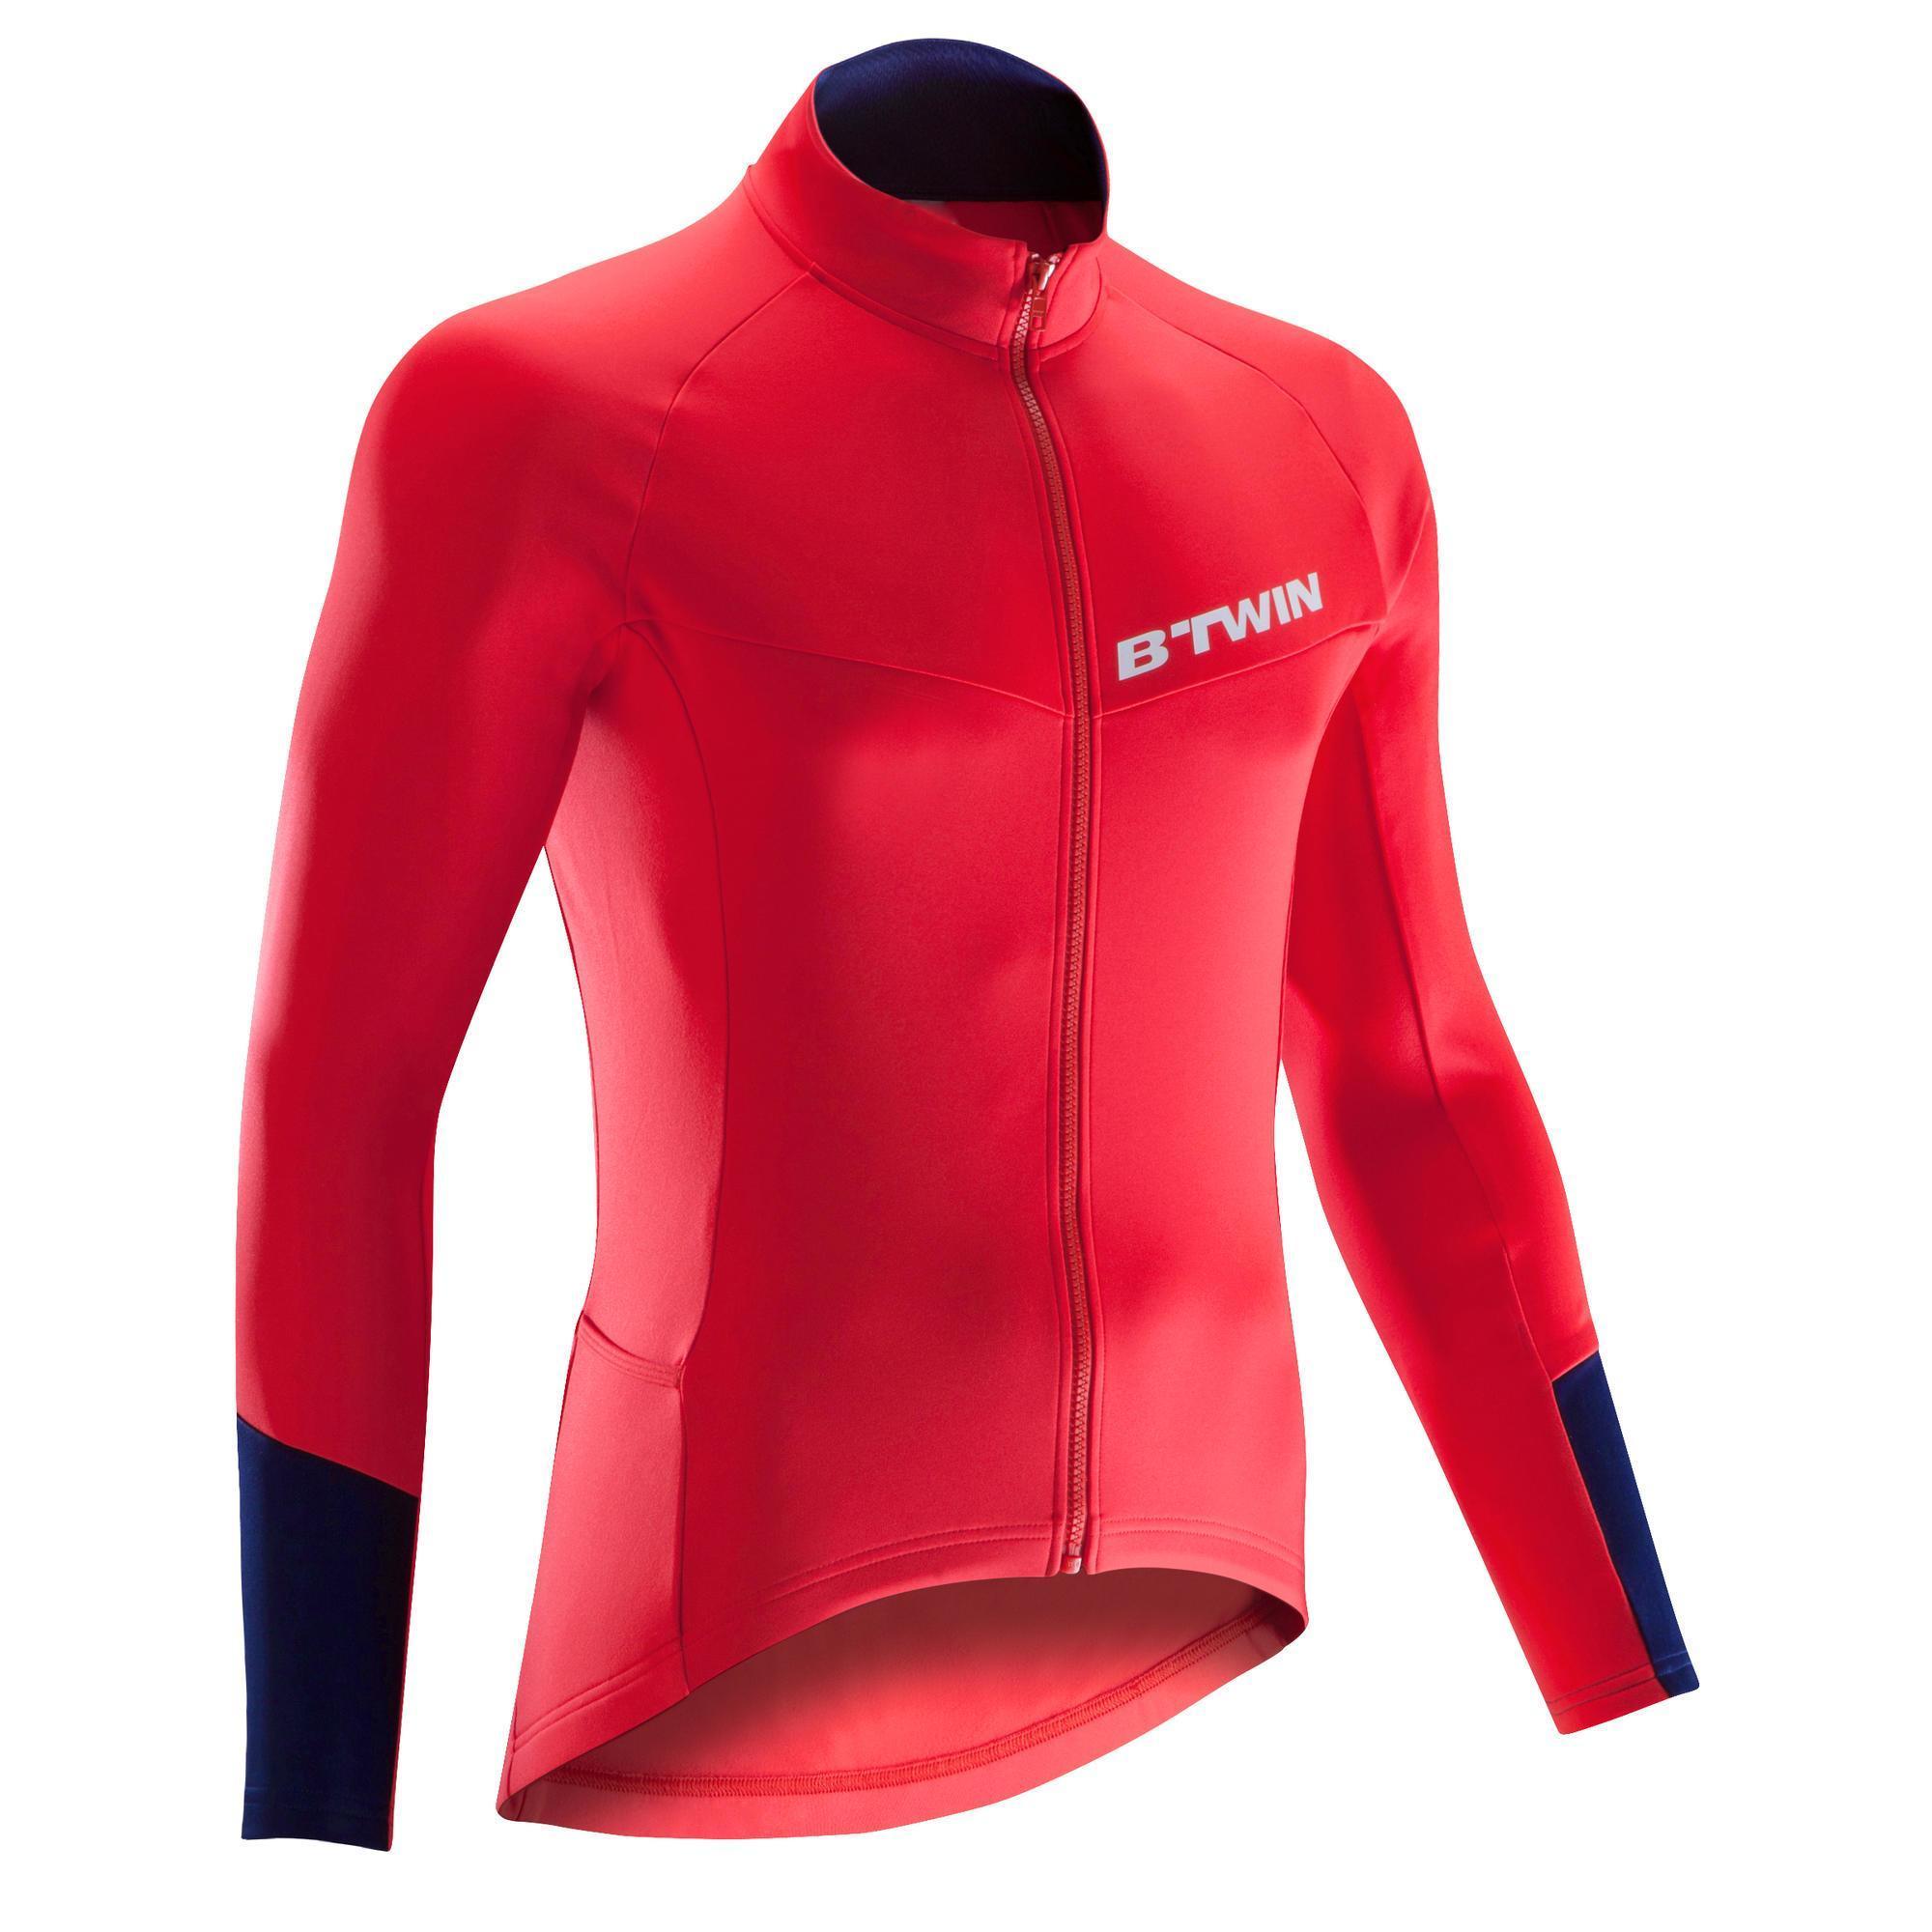 Triban Fietsshirt met lange mouwen voor heren wielrennen wielertoerisme 500 rood